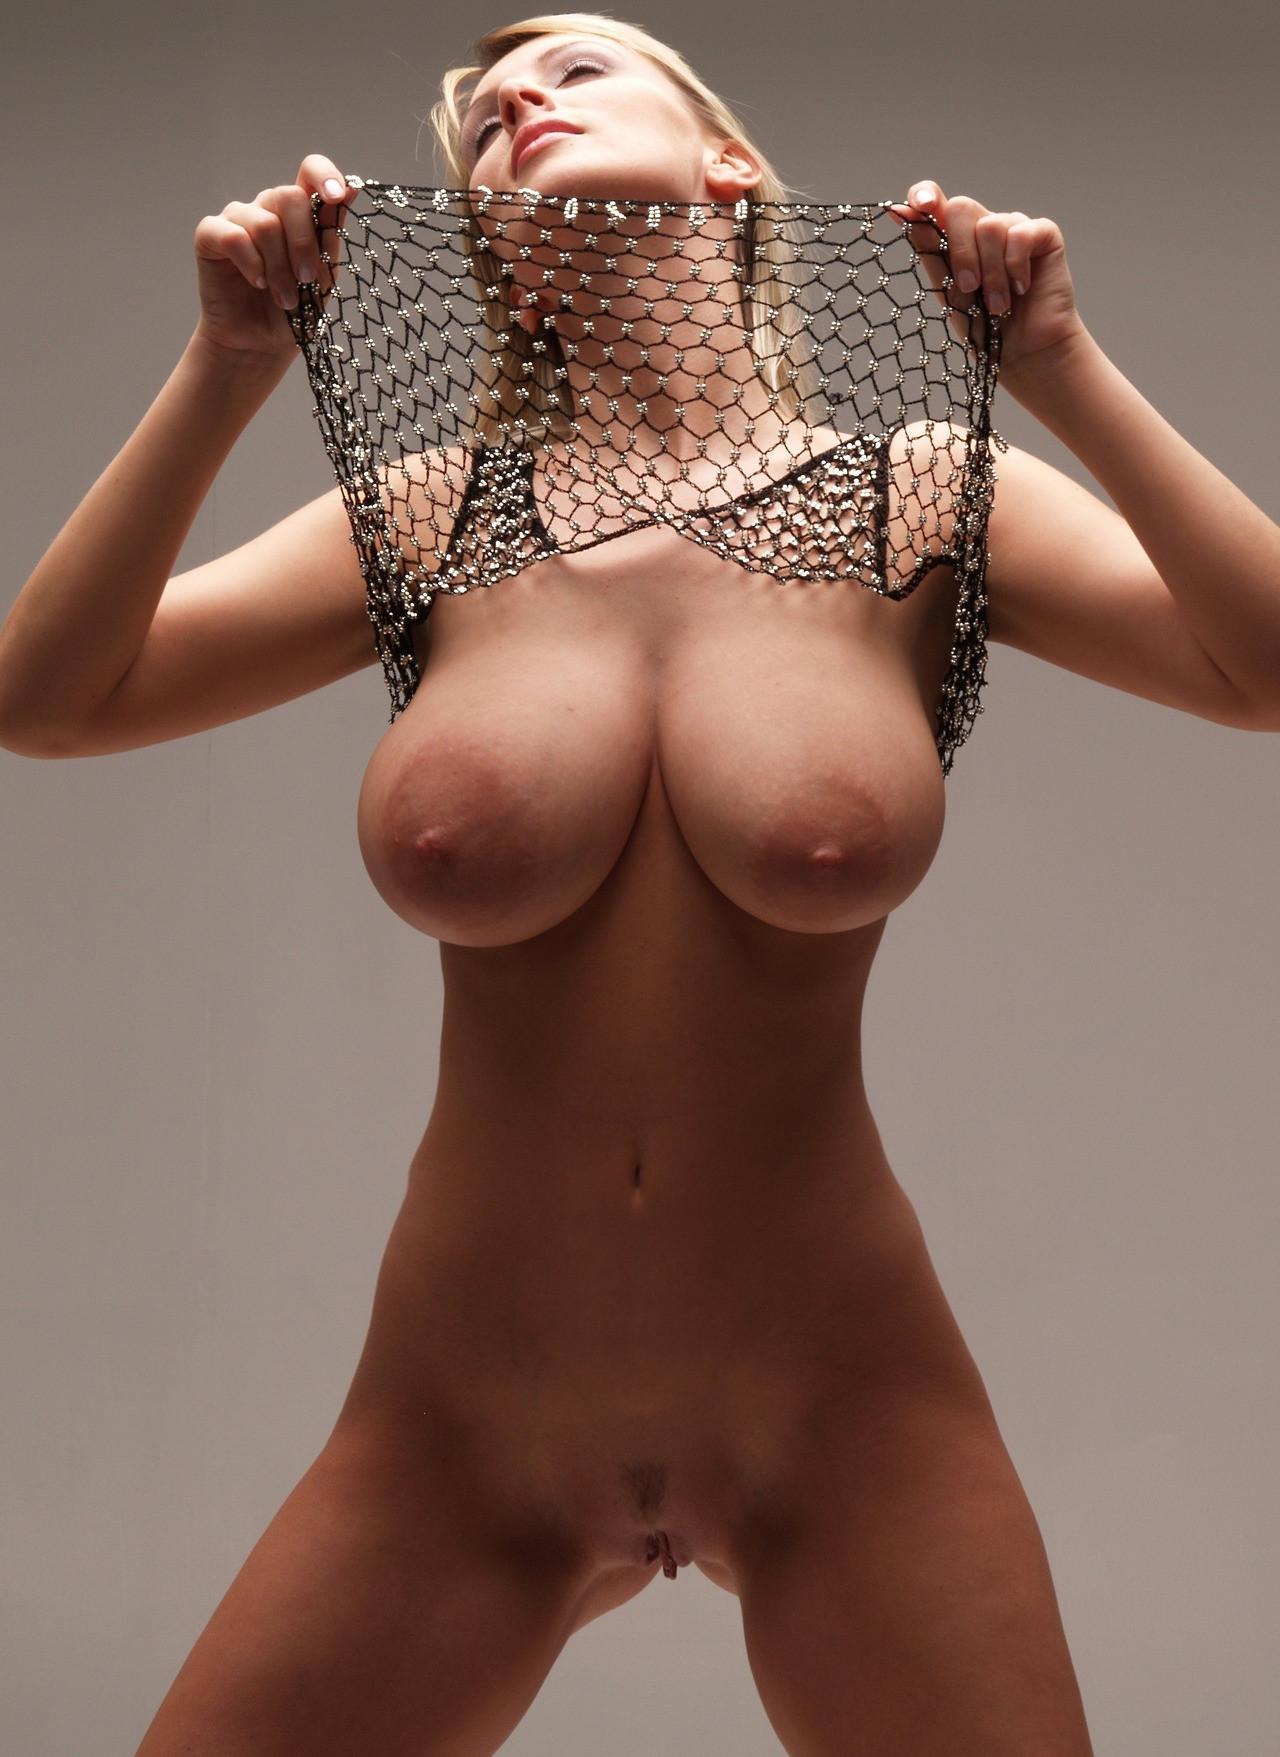 Эротическое фото красивых женщин за 30 11 фотография